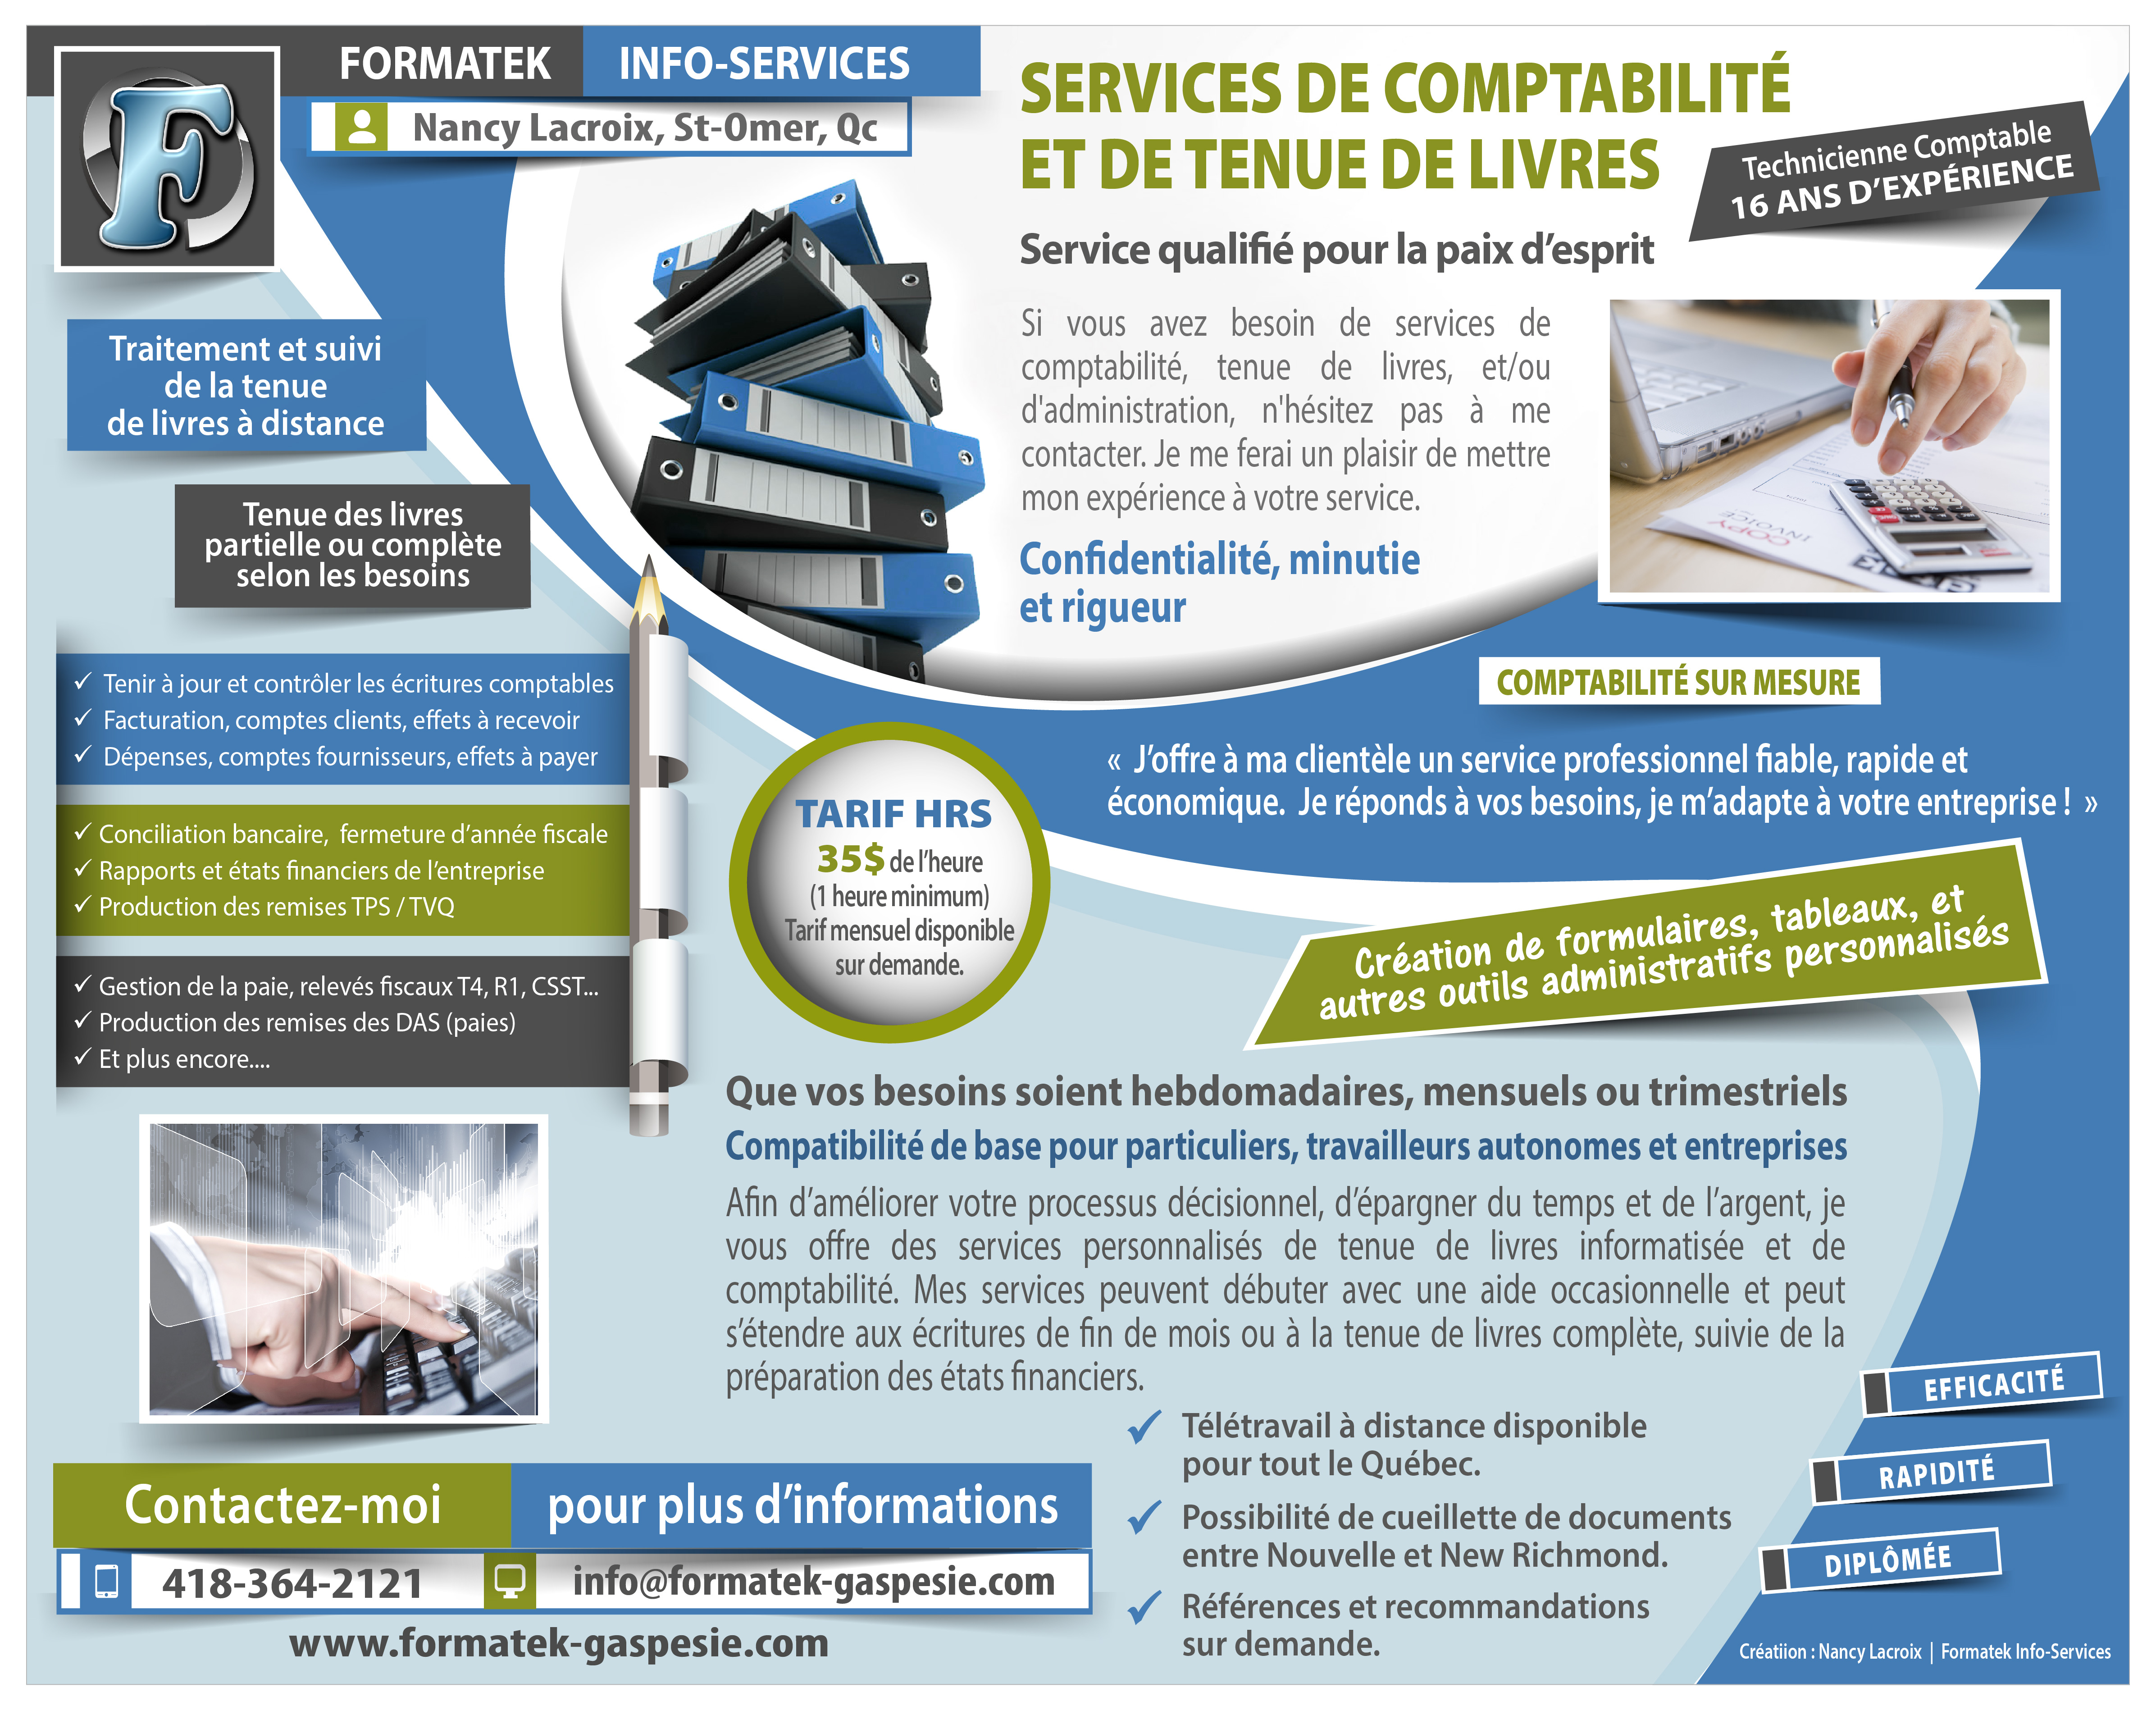 Publicité - Services de comptabilité et de tenue de livres